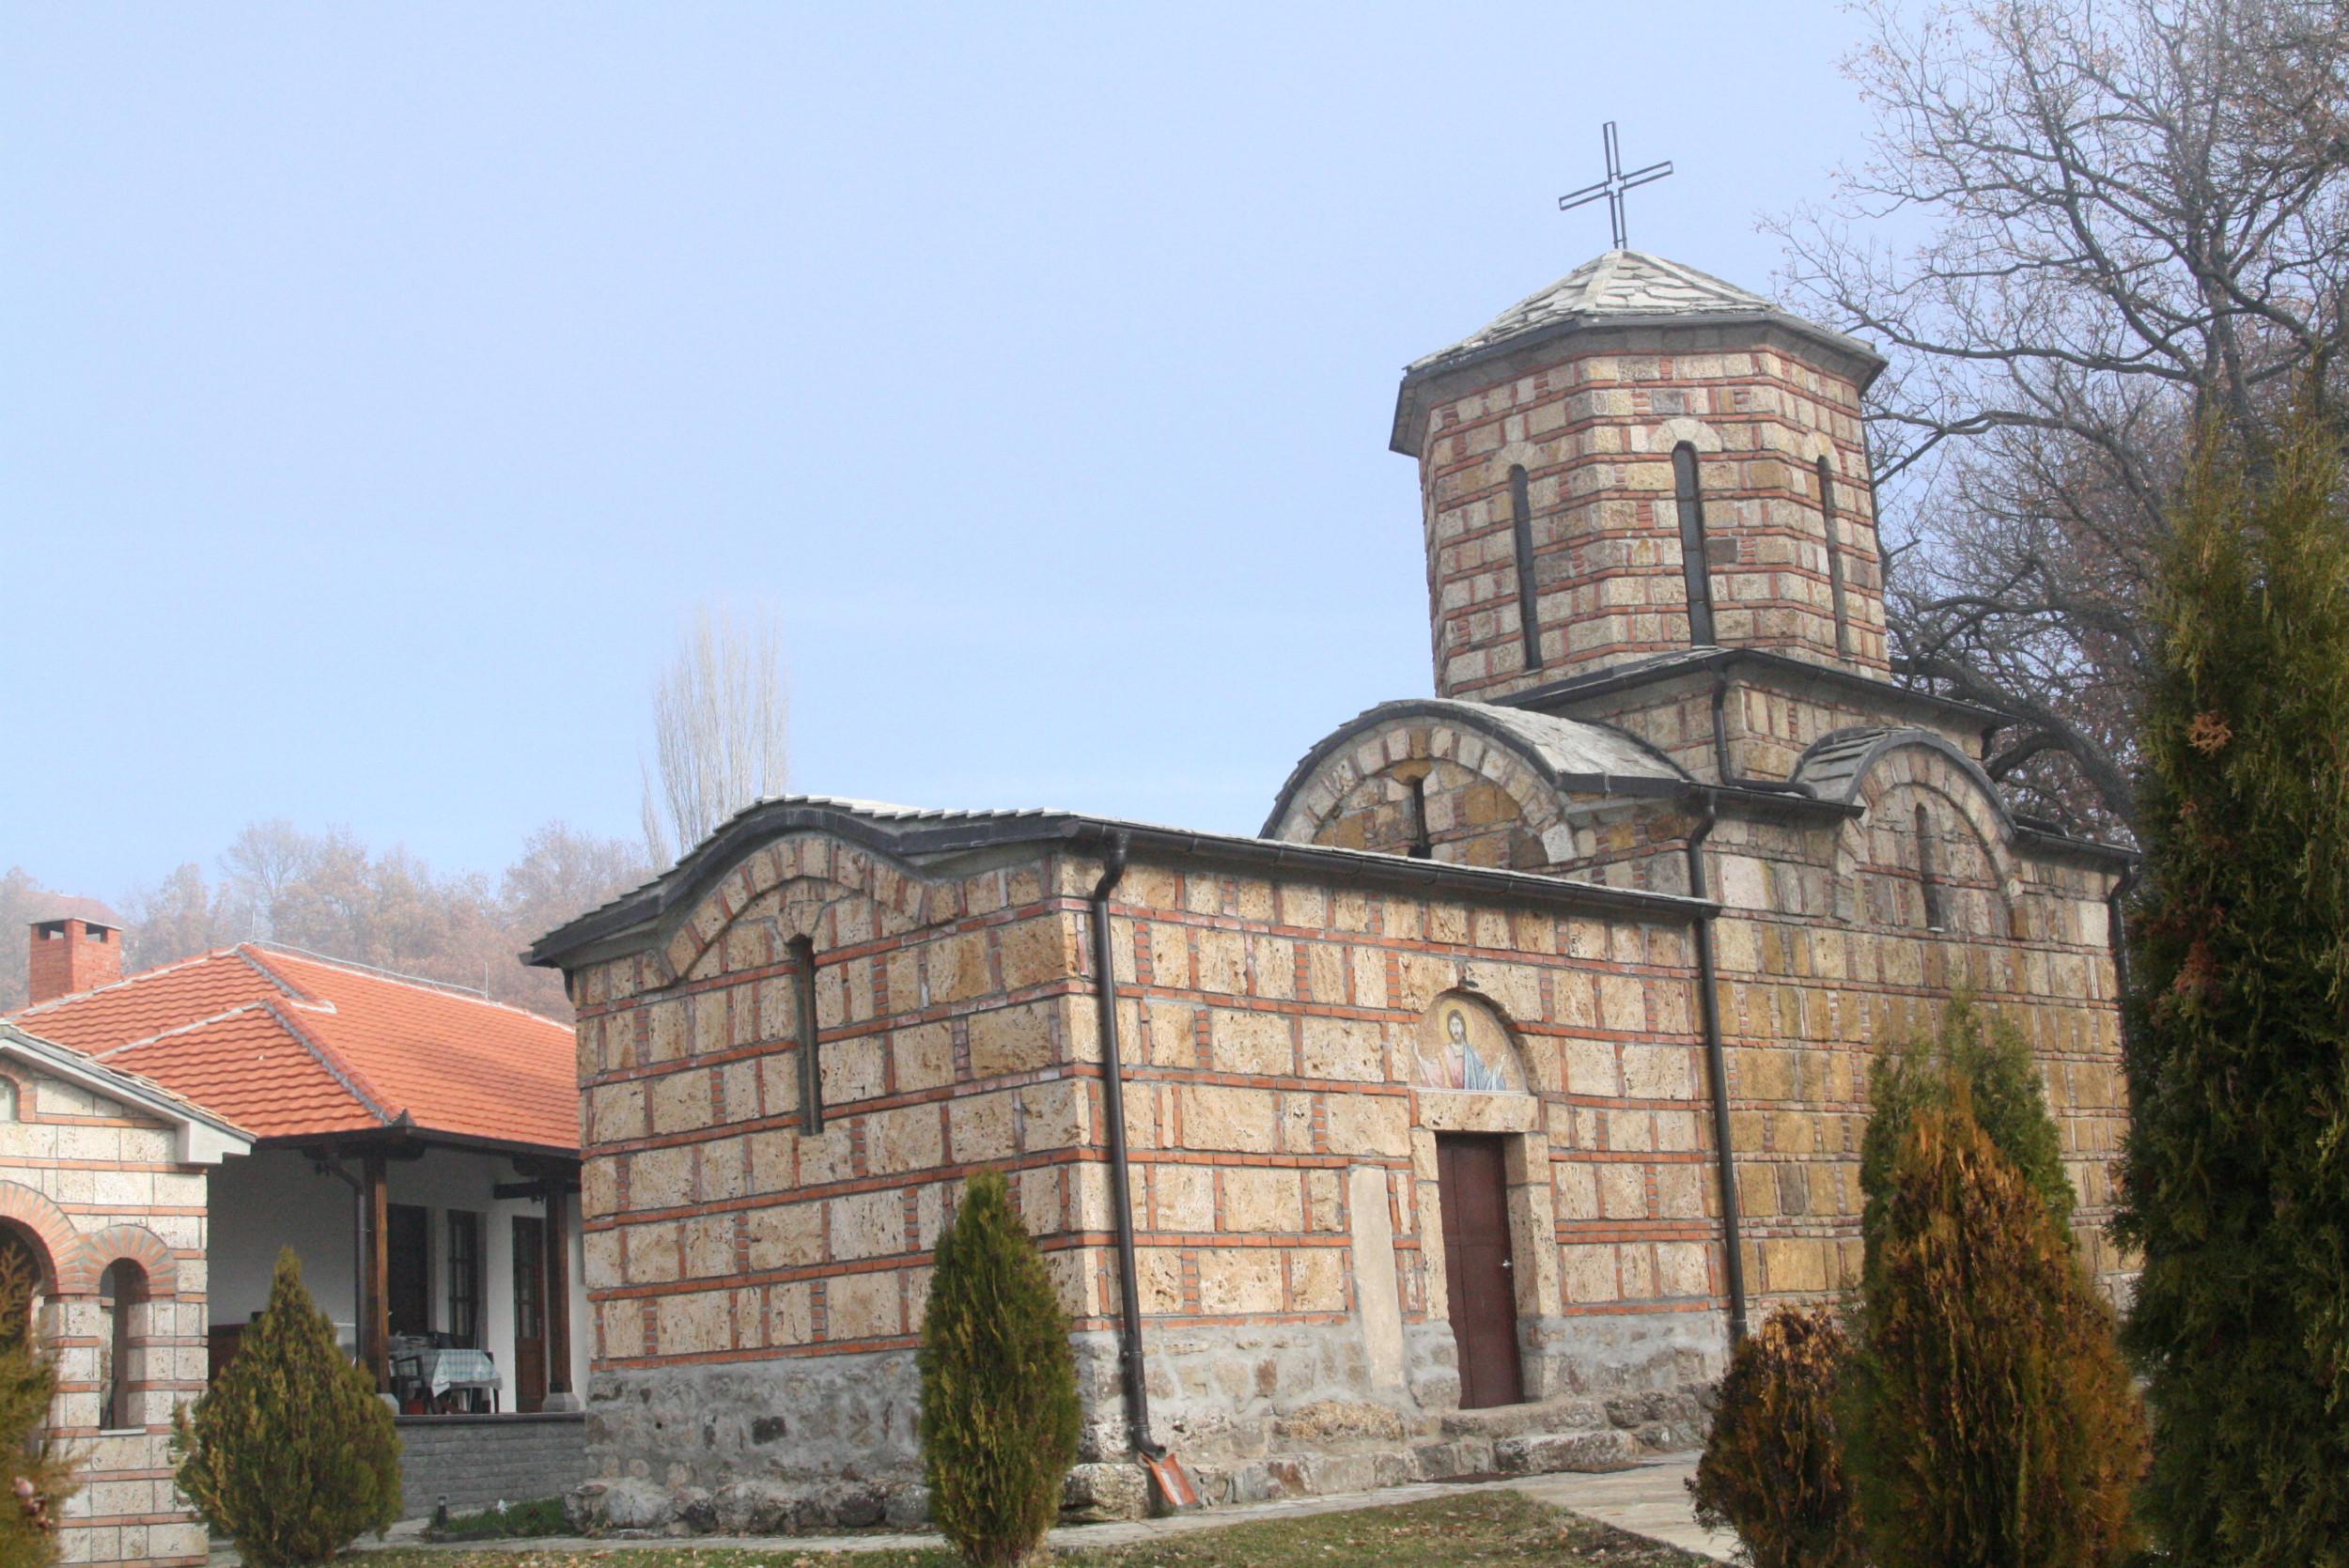 Манастир Светог Димитрија у Сушици (Фото: Јања Гаћеша/Нови Стандард)